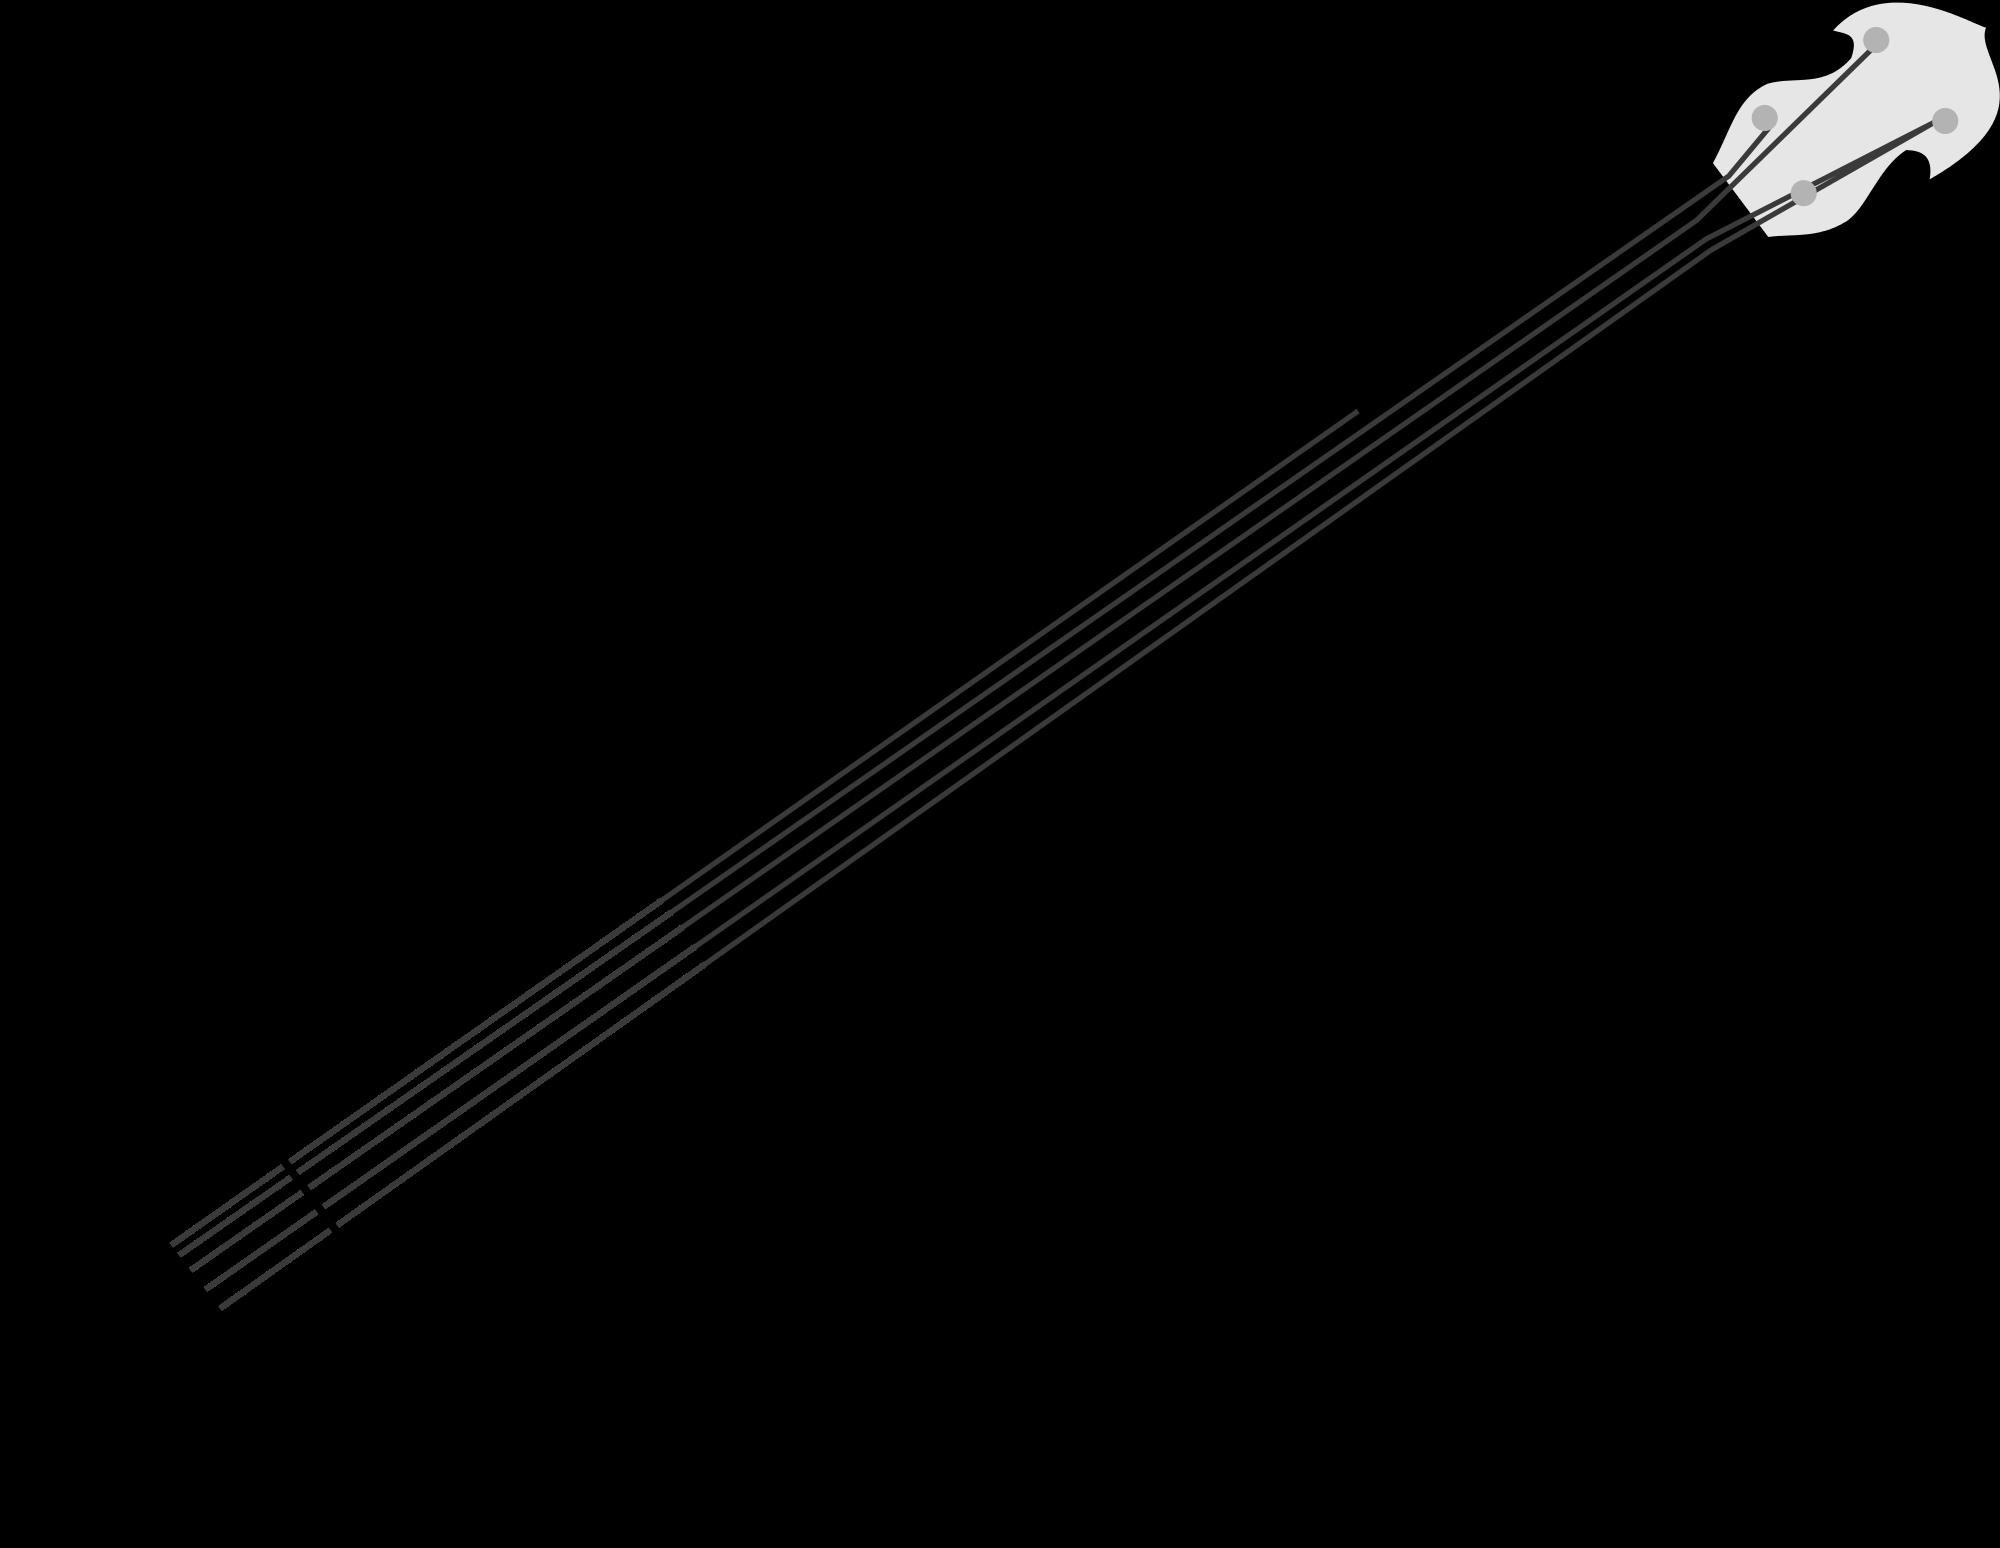 jpg download Banjo vector. File white svg wikimedia.